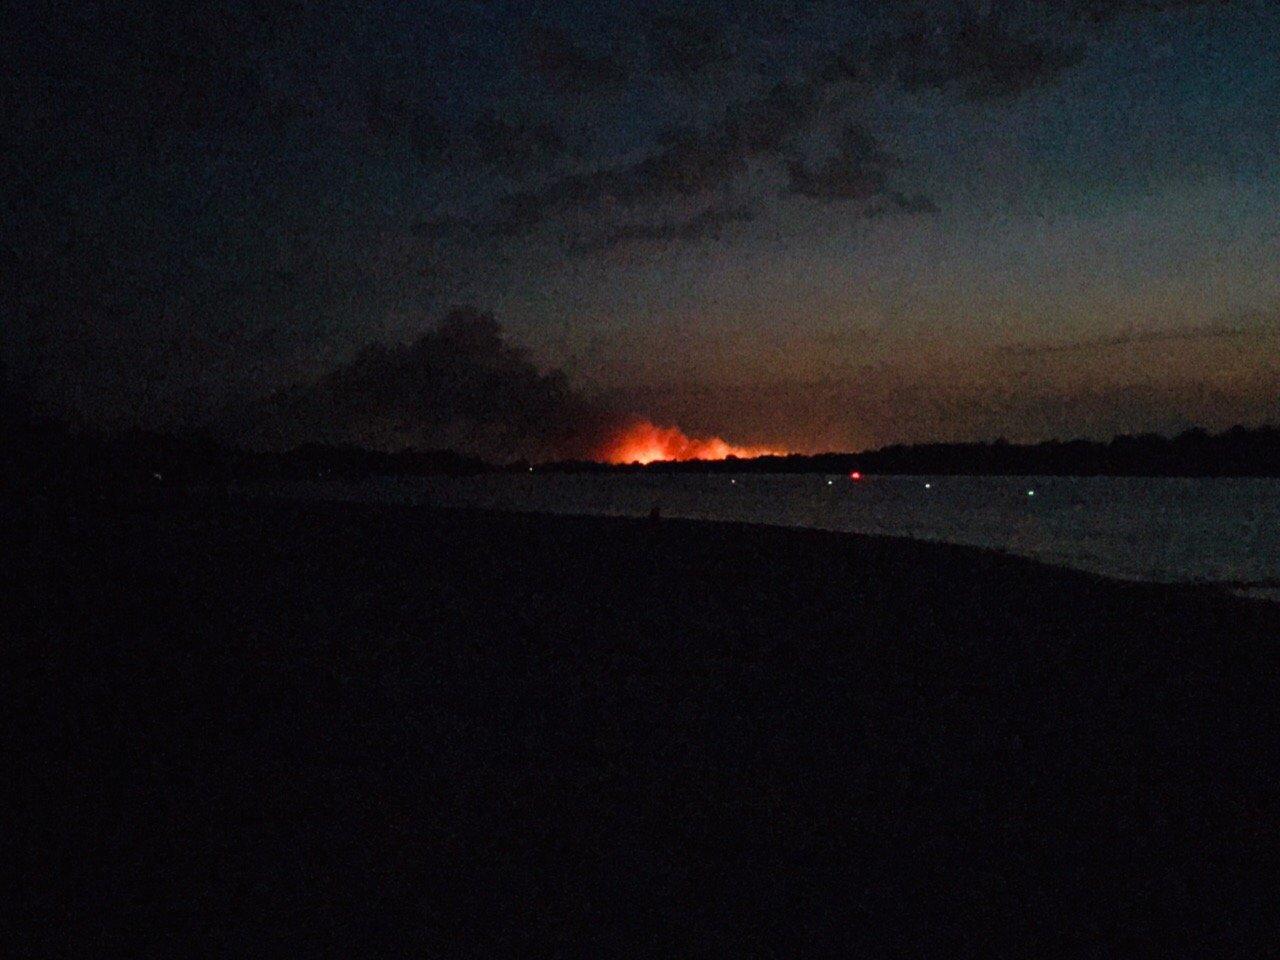 Огненное зарево: под Старочеркасском полыхает сухая трава, фото-1